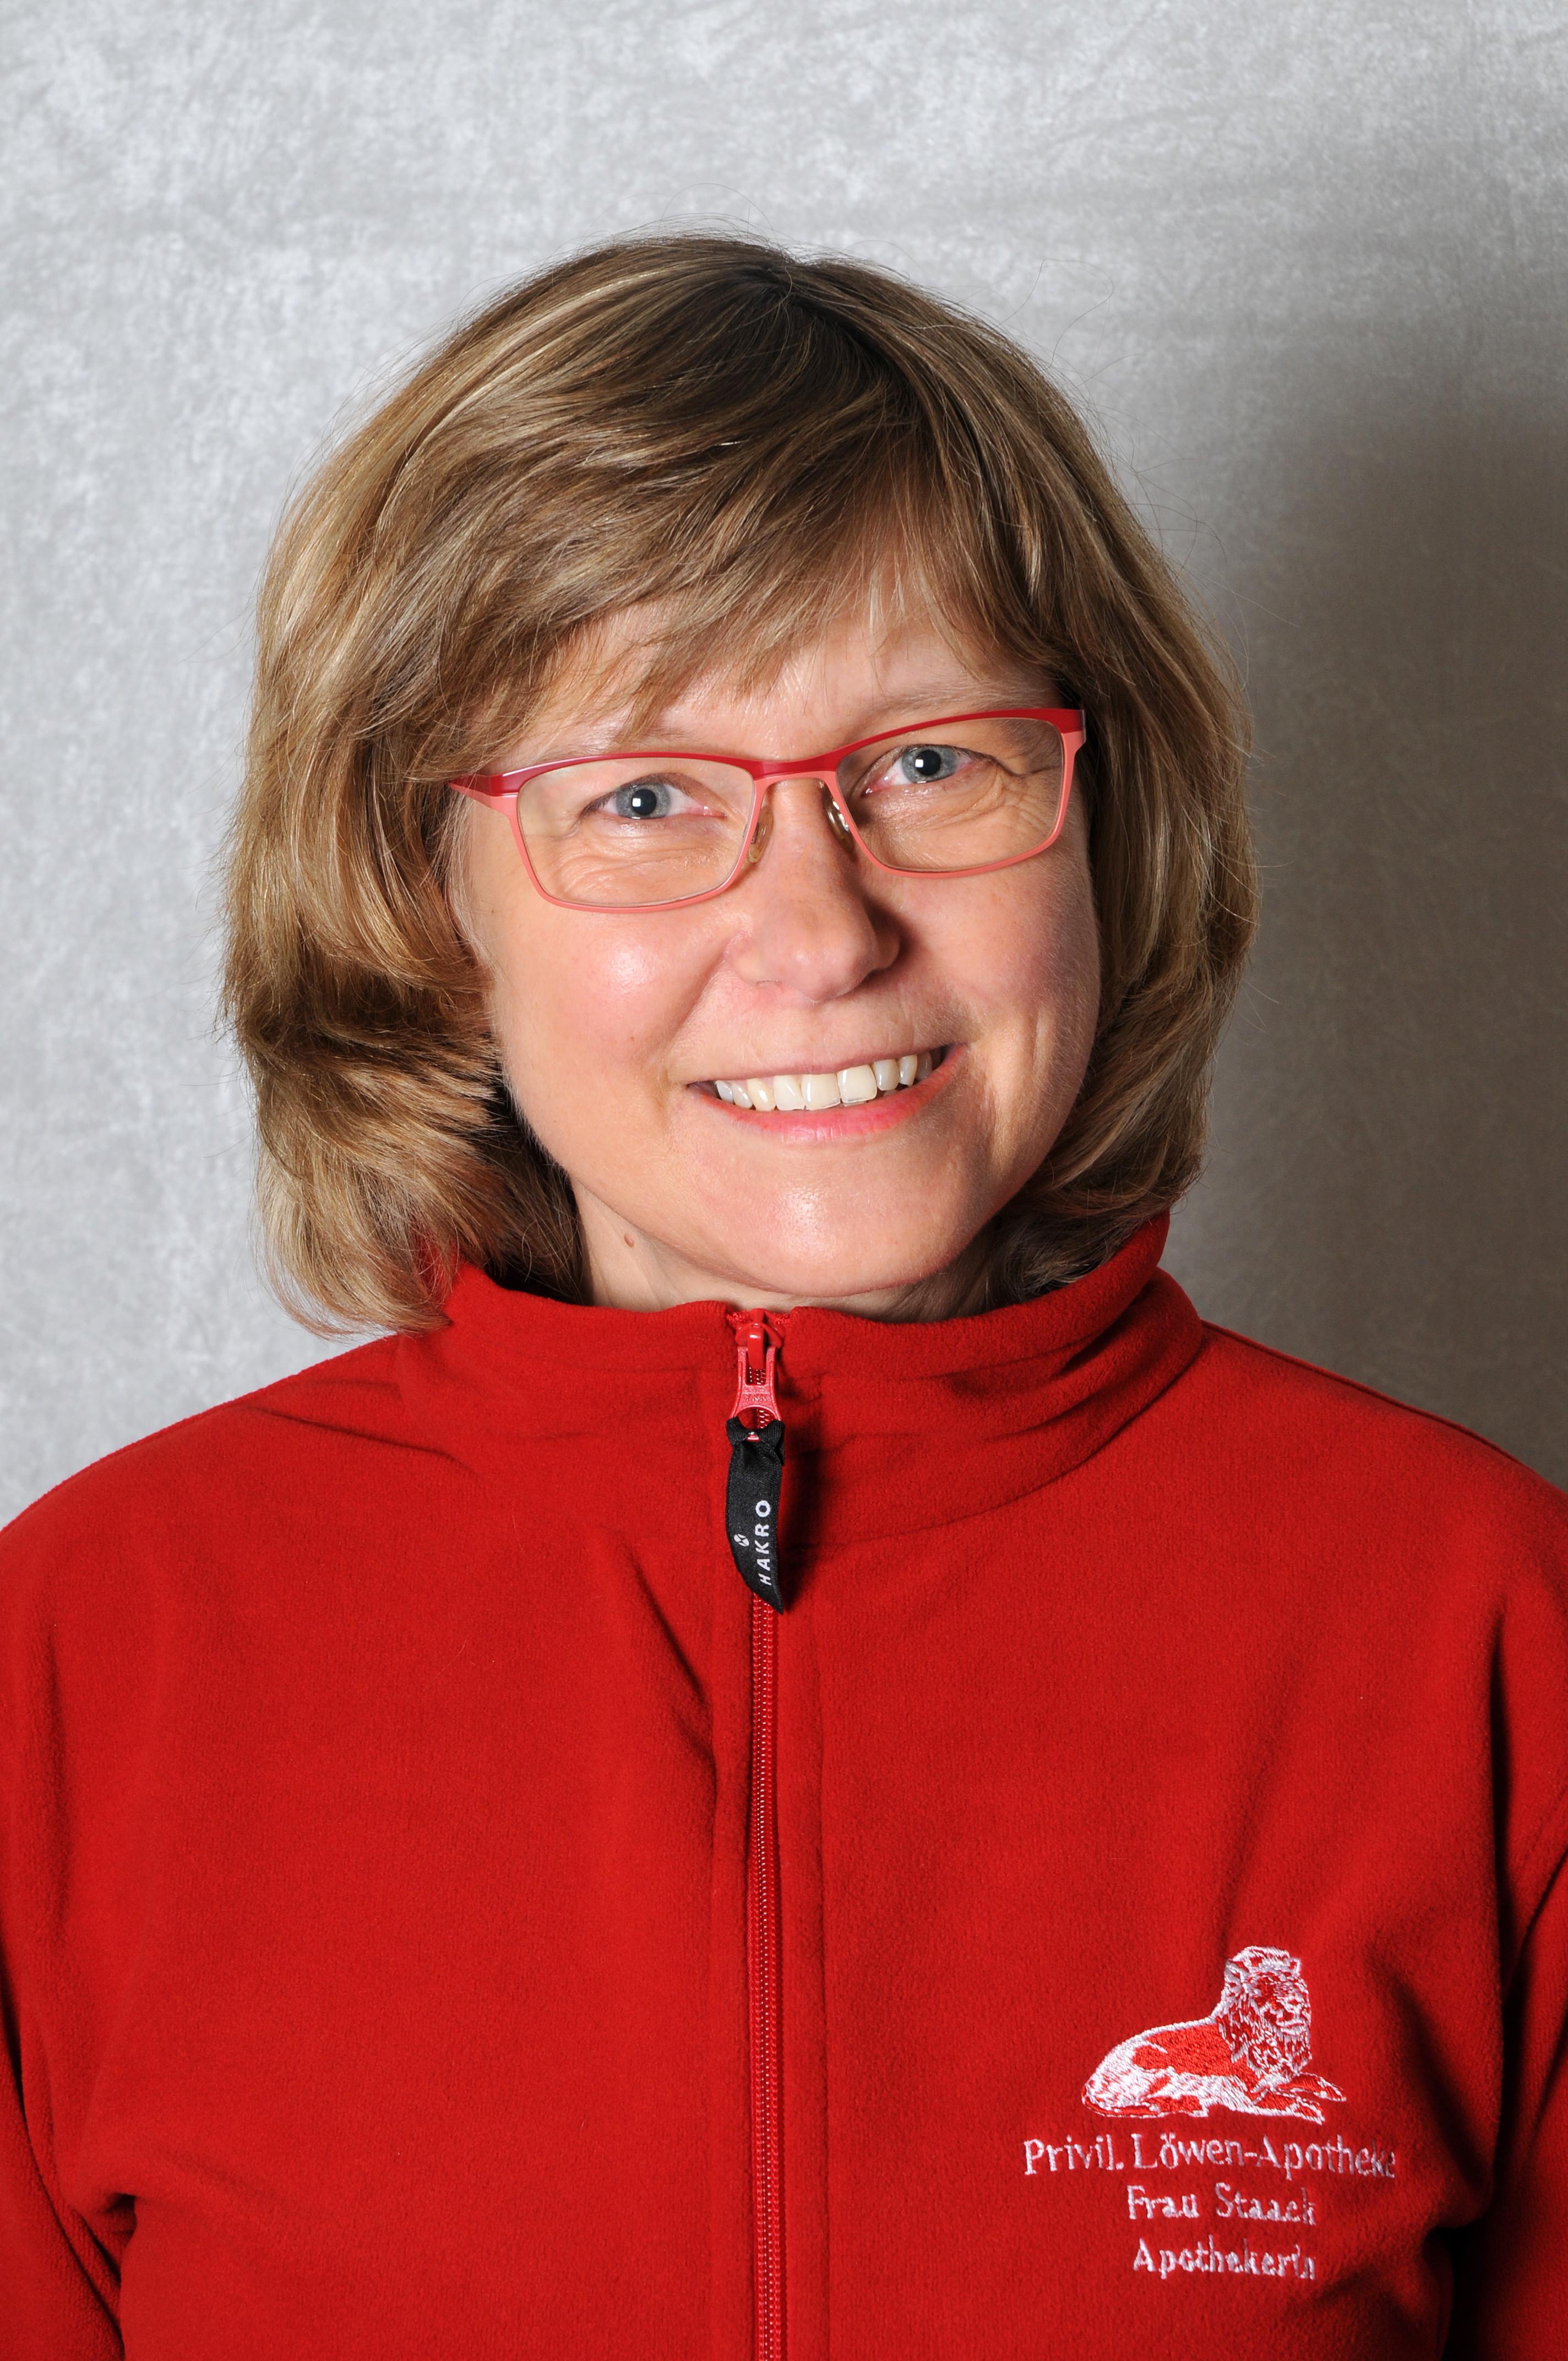 Porträtfoto von Frau Staack